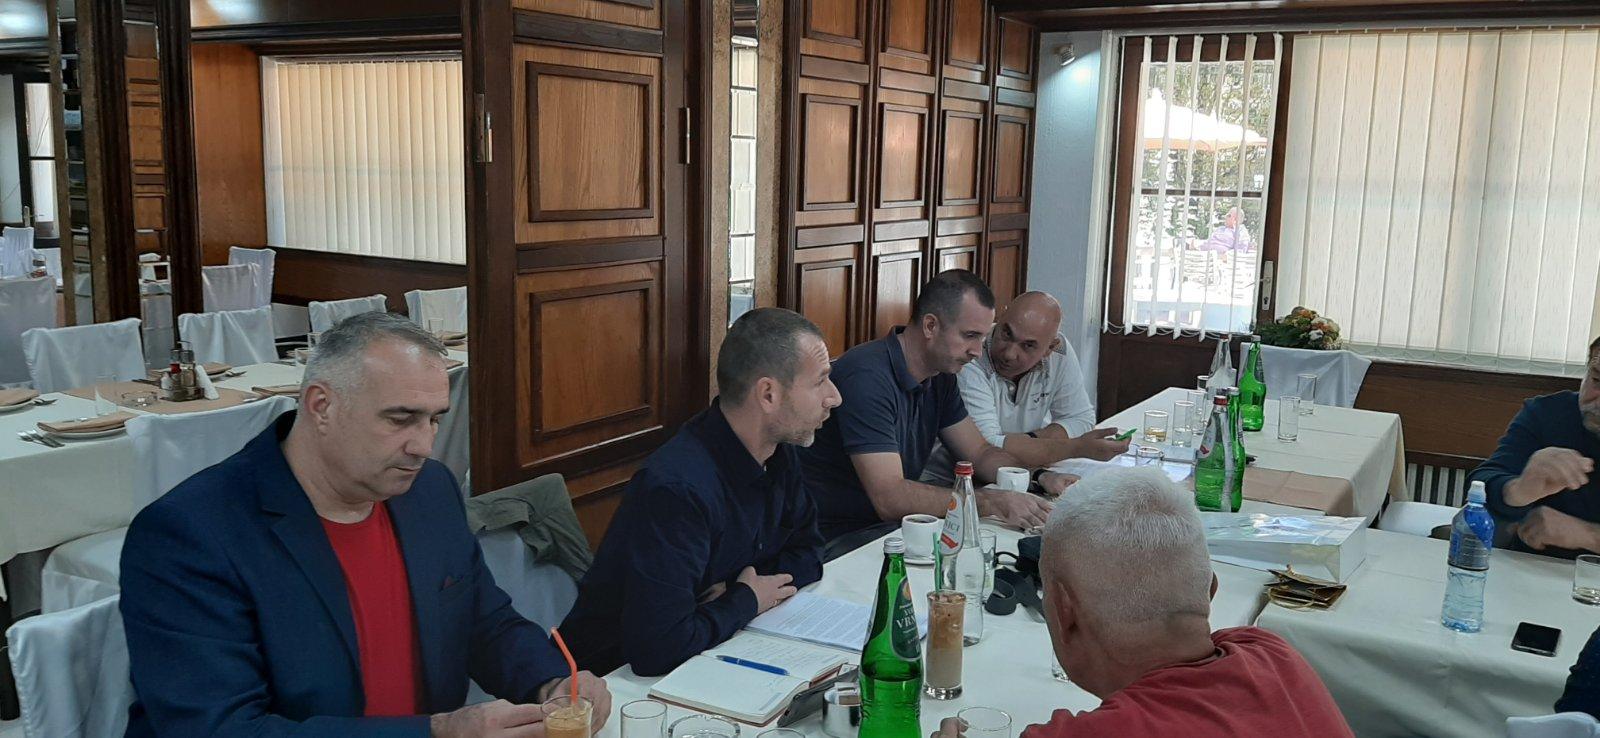 Socijalni dijalog u Vojsci Srbije na visokom nivou u zadnjih par godina